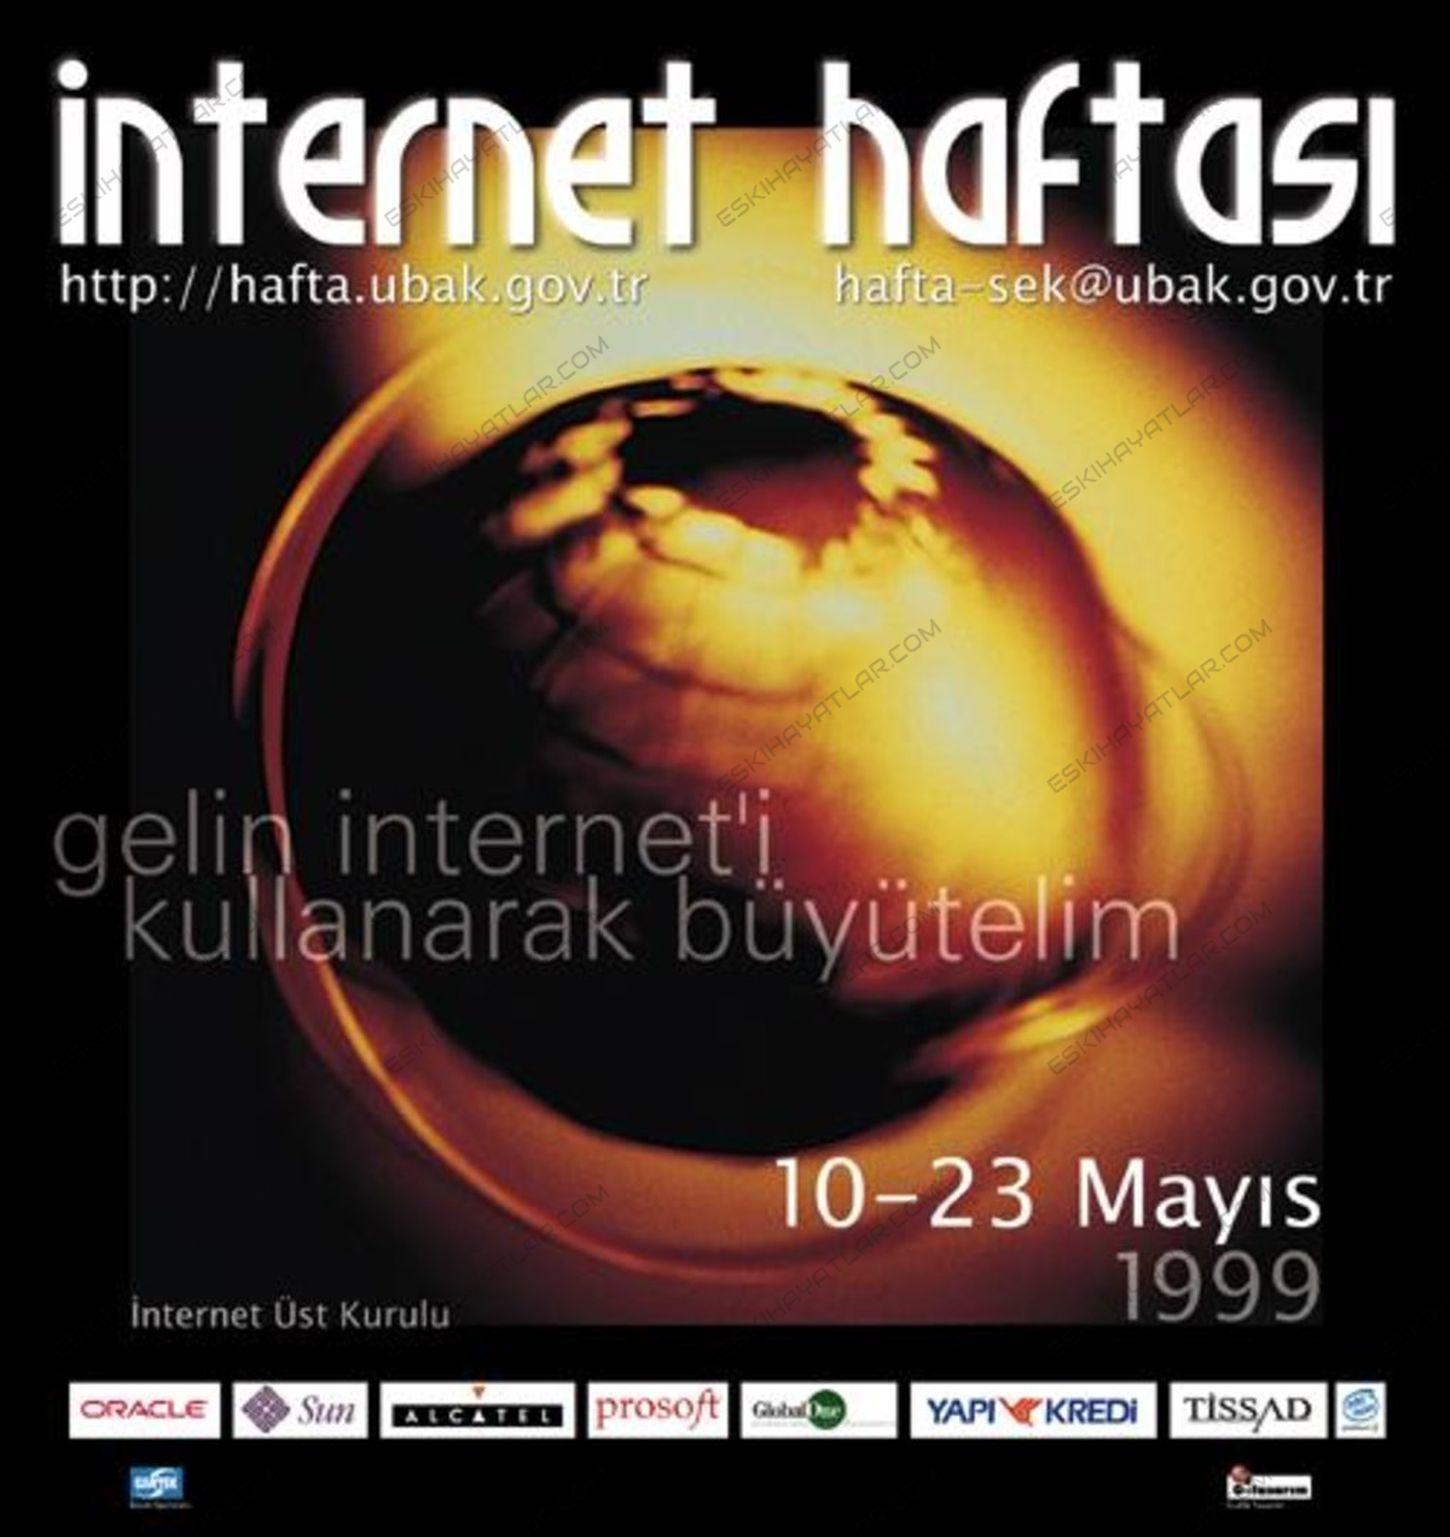 internet-ulkemize-ne-zaman-geldi-turkiyede-internet-25-yasinda (39)